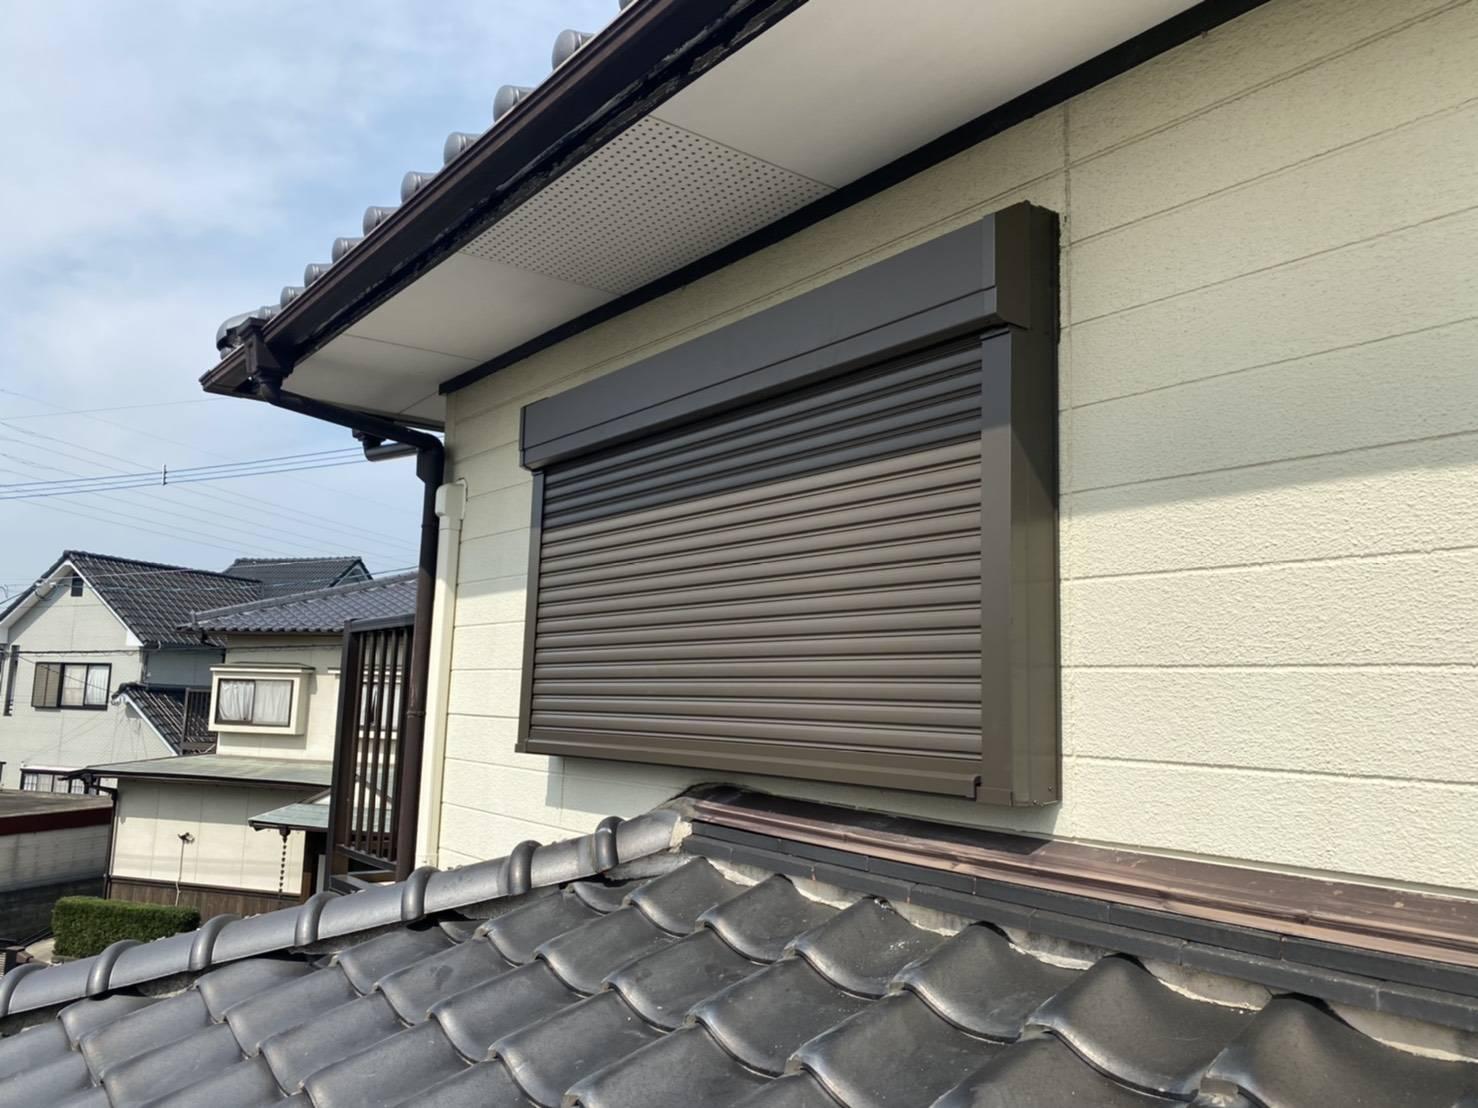 有明トーヨーの二階の窓も台風対策しようかしら・・・のお客様の声2